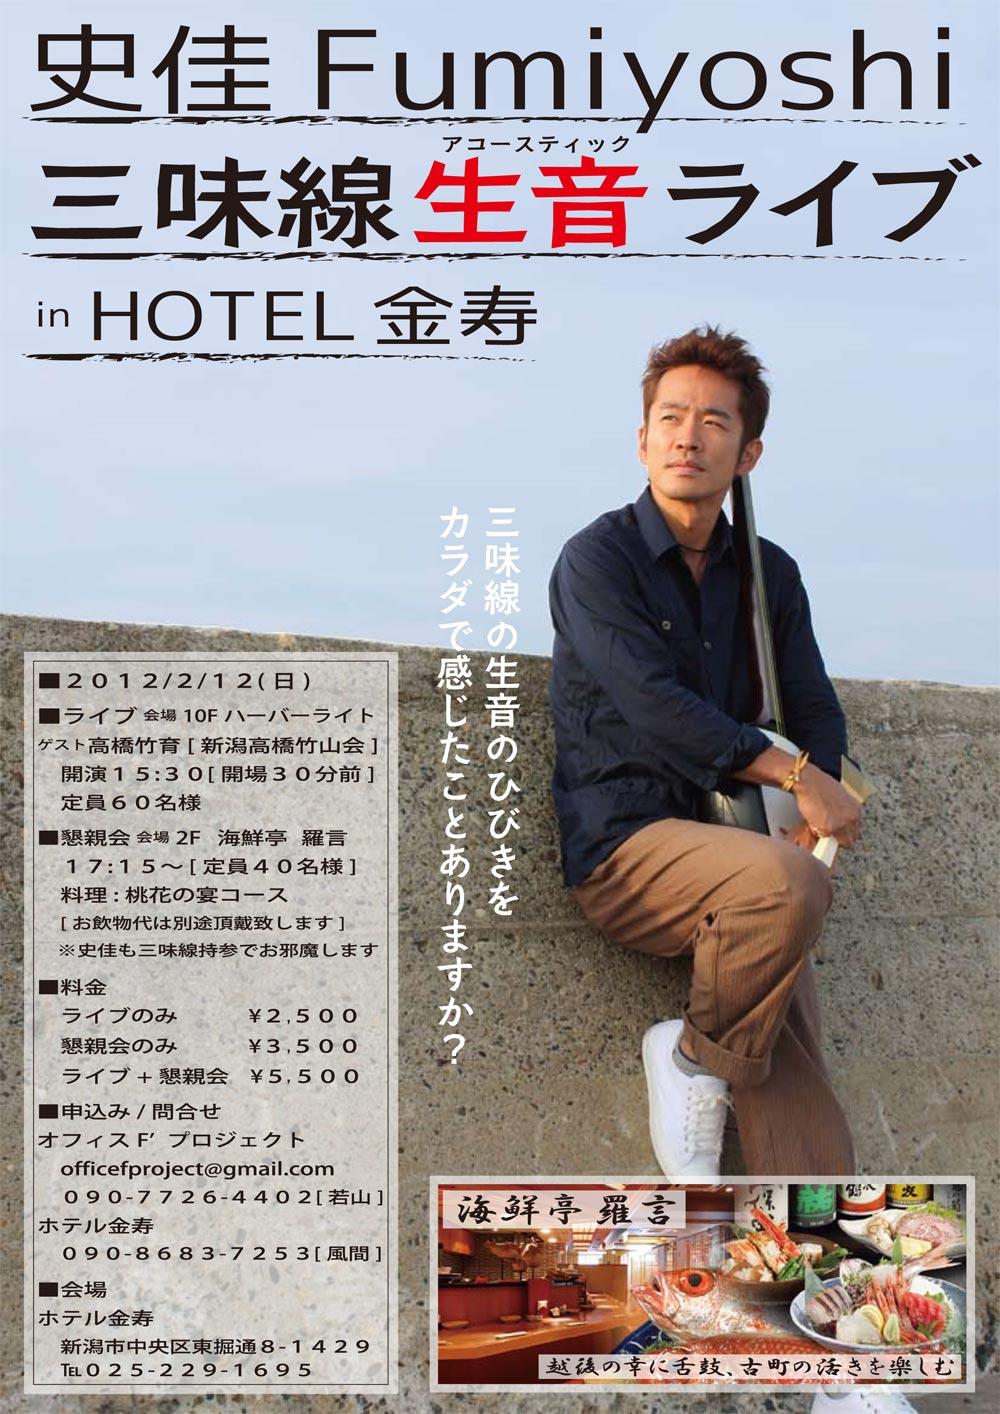 20120212金寿フライヤーn